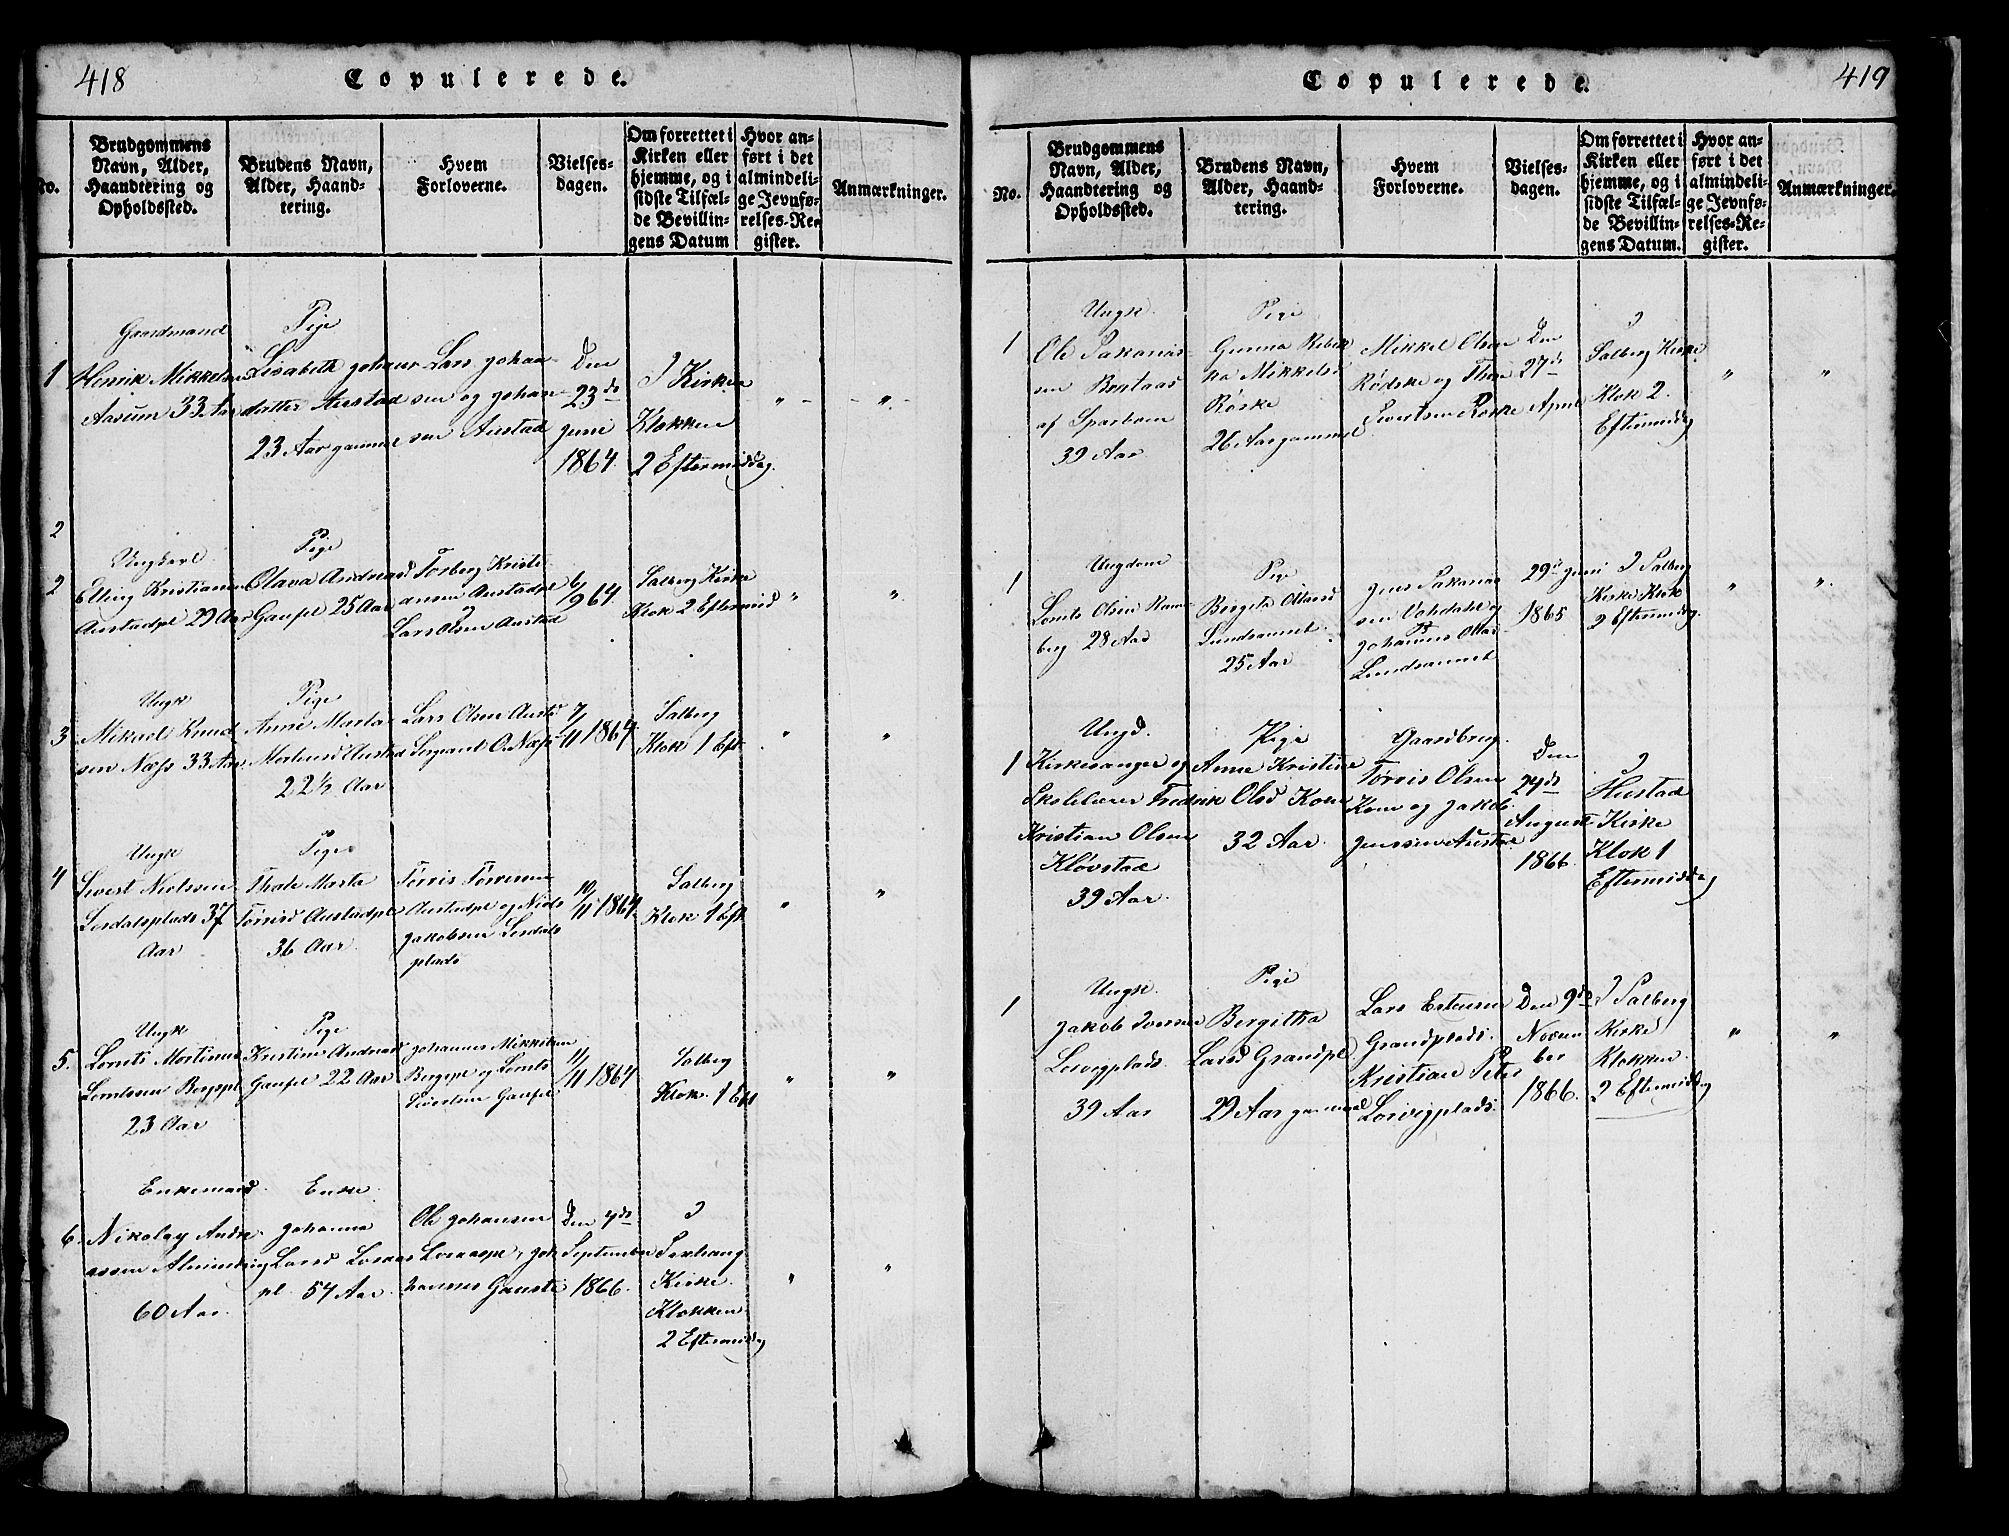 SAT, Ministerialprotokoller, klokkerbøker og fødselsregistre - Nord-Trøndelag, 731/L0310: Klokkerbok nr. 731C01, 1816-1874, s. 418-419